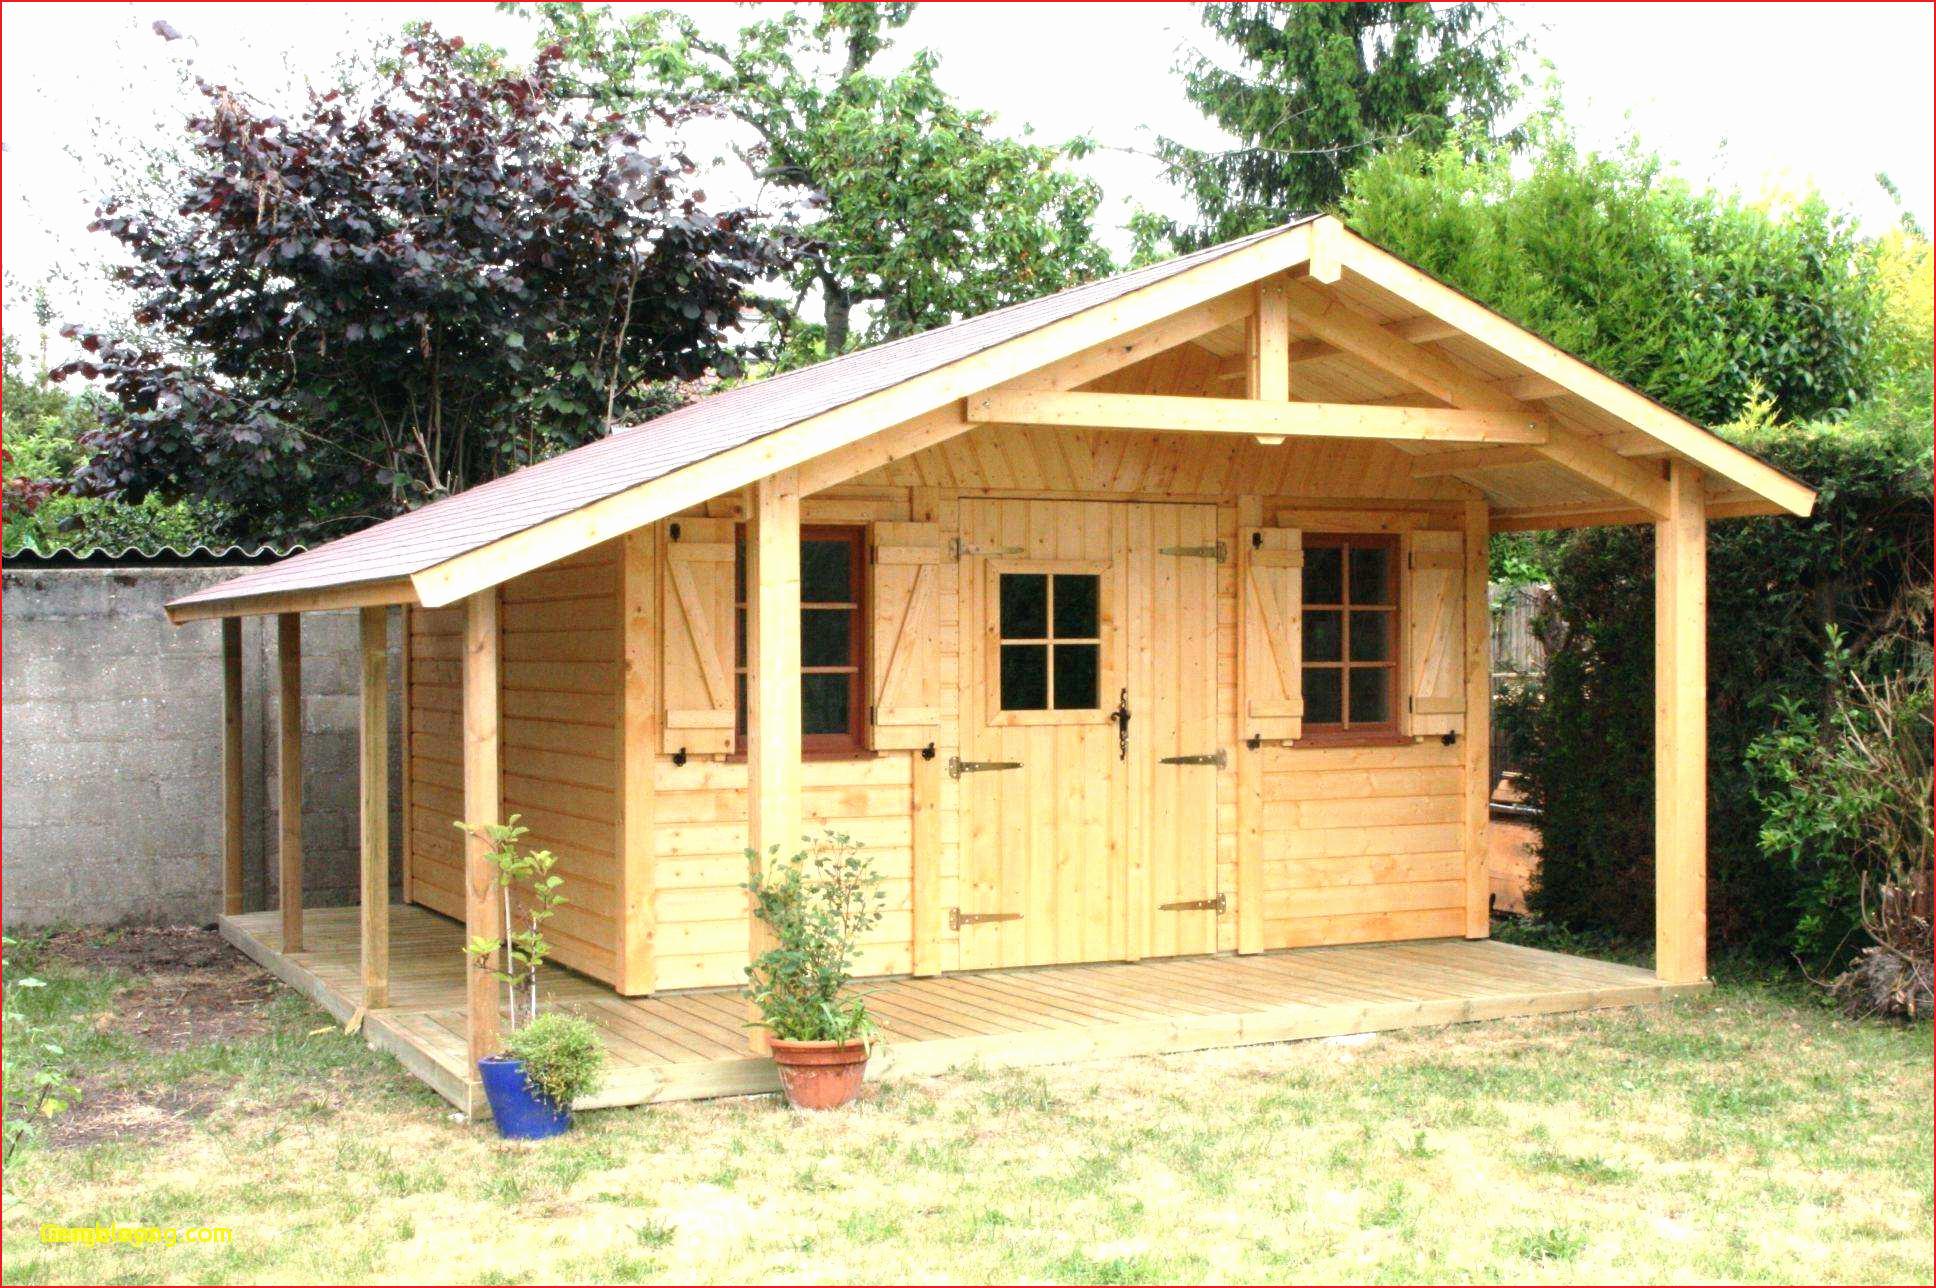 Idées Pour Cabane Enfant Solde Galerie De Maison Des Idées ... à Cabane De Jardin Enfant Pas Cher